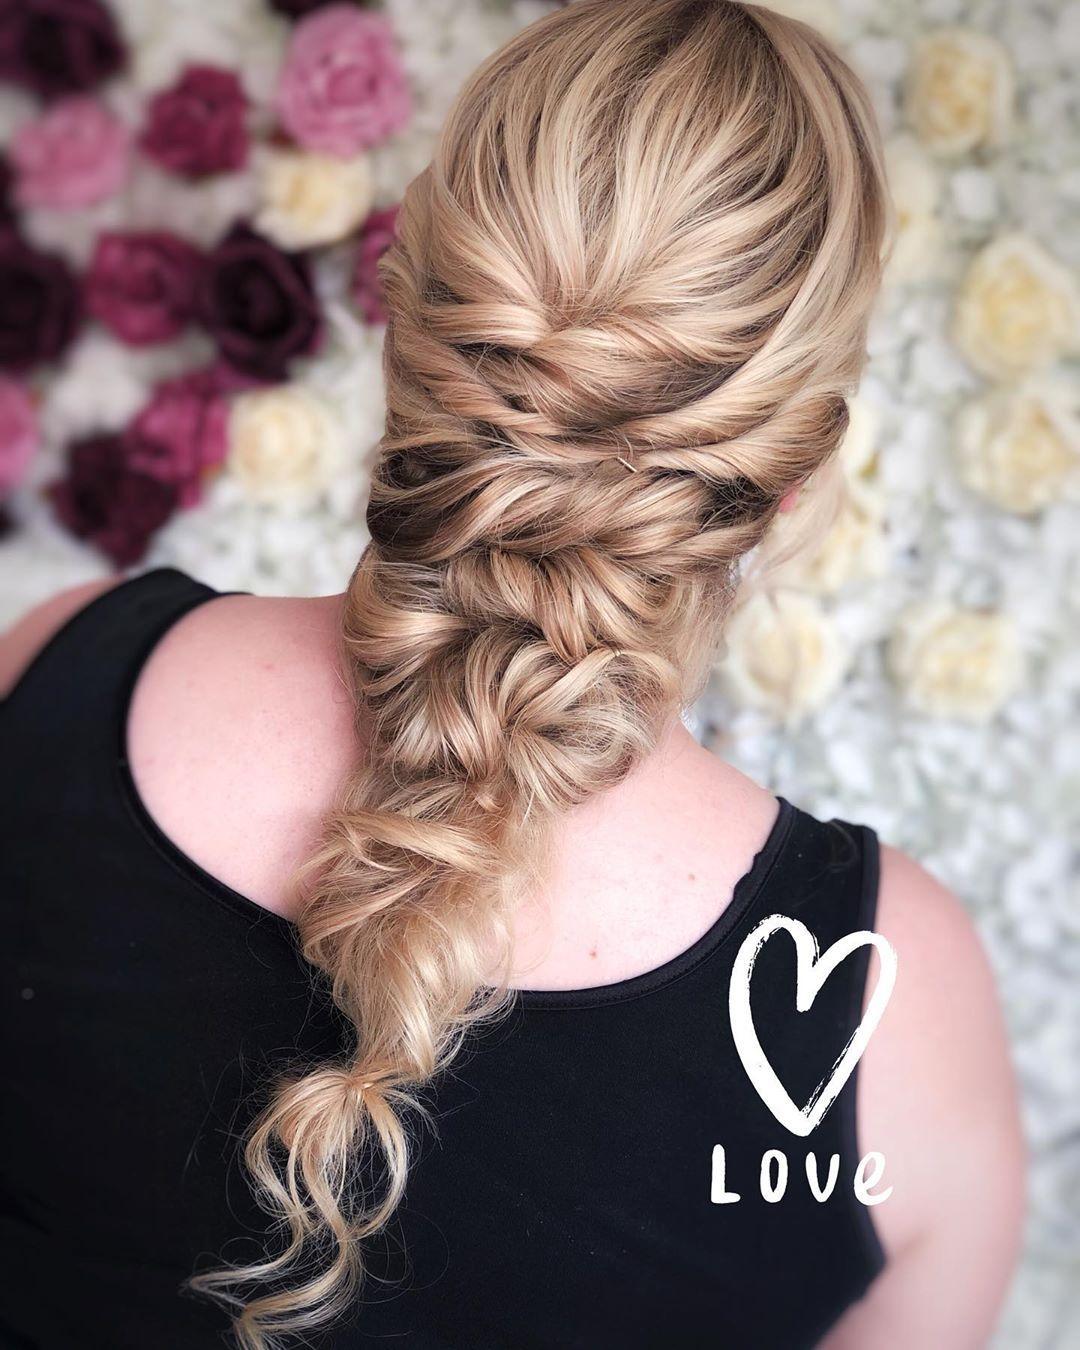 Hairartbraut Hairartdesign Hochzeit Wedding Weddinghair H Wedding Hairstyles Bridal Hair Hair Styles